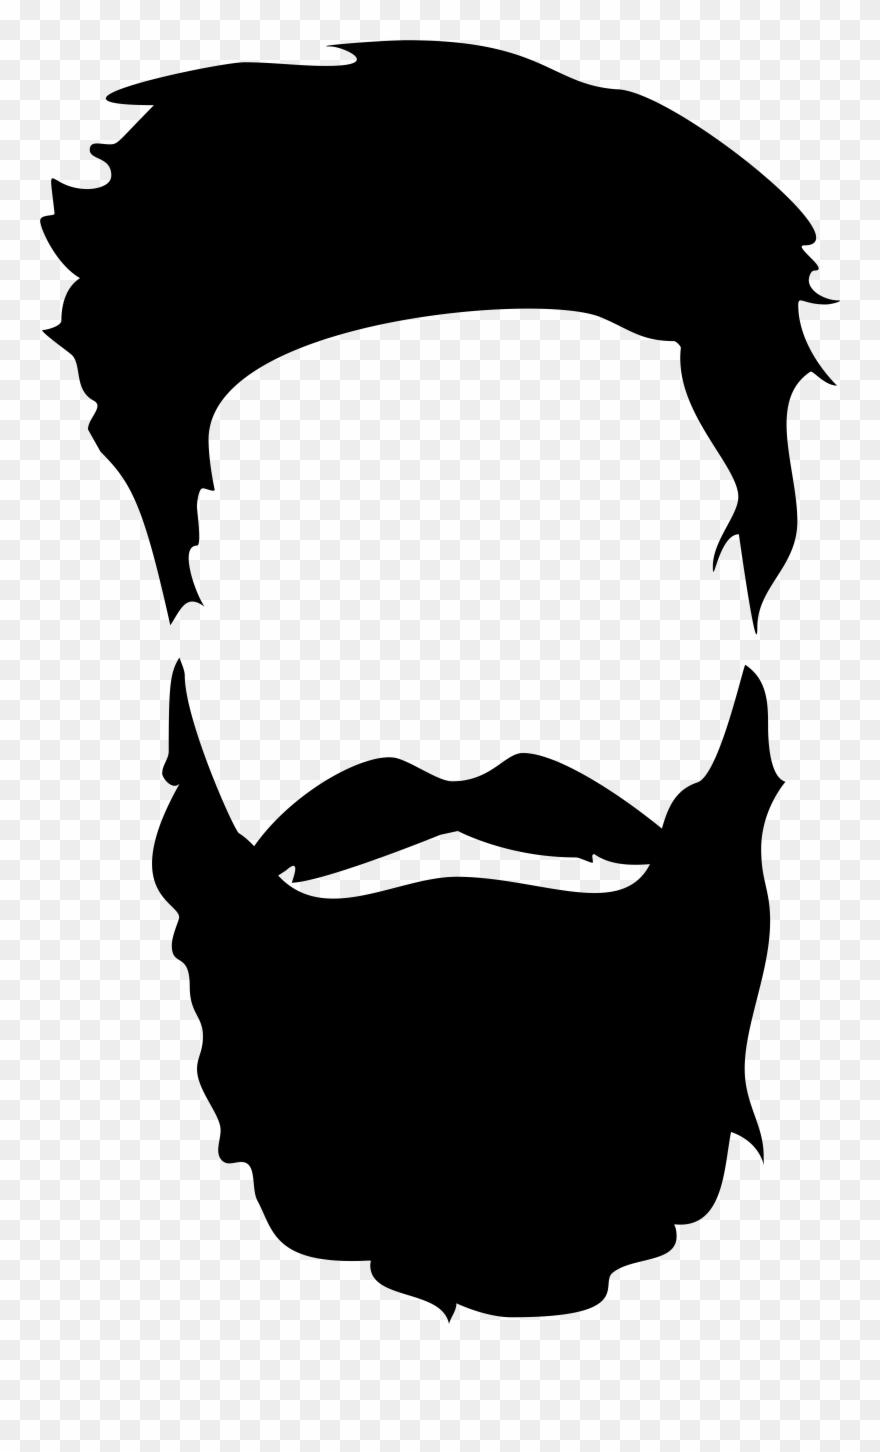 Hair png clip art. Moustache clipart short beard